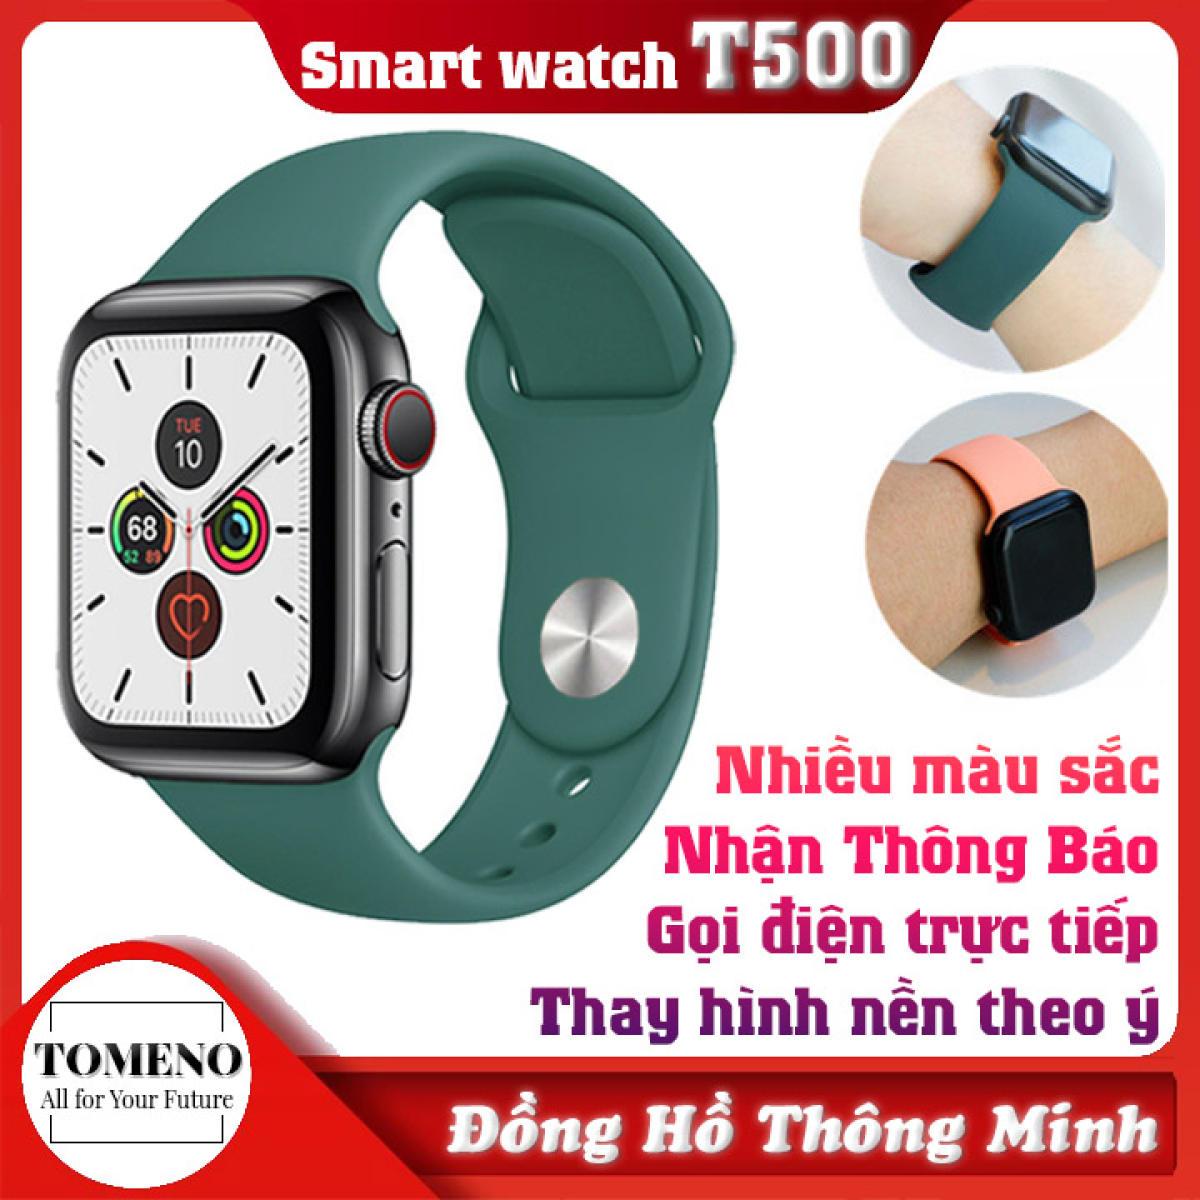 Đồng hồ thông minh T500 - SMART WATCH SERIES 5 T500 - Thay Hình Nền Theo Ý Muốn - Gọi điện nghe nhạc trực tiếp - Thông báo tin nhắn - Giao diện 100% Tiếng Việt - Kết nối dễ dàng - Đồng hồ nữ - Đồng hồ nam